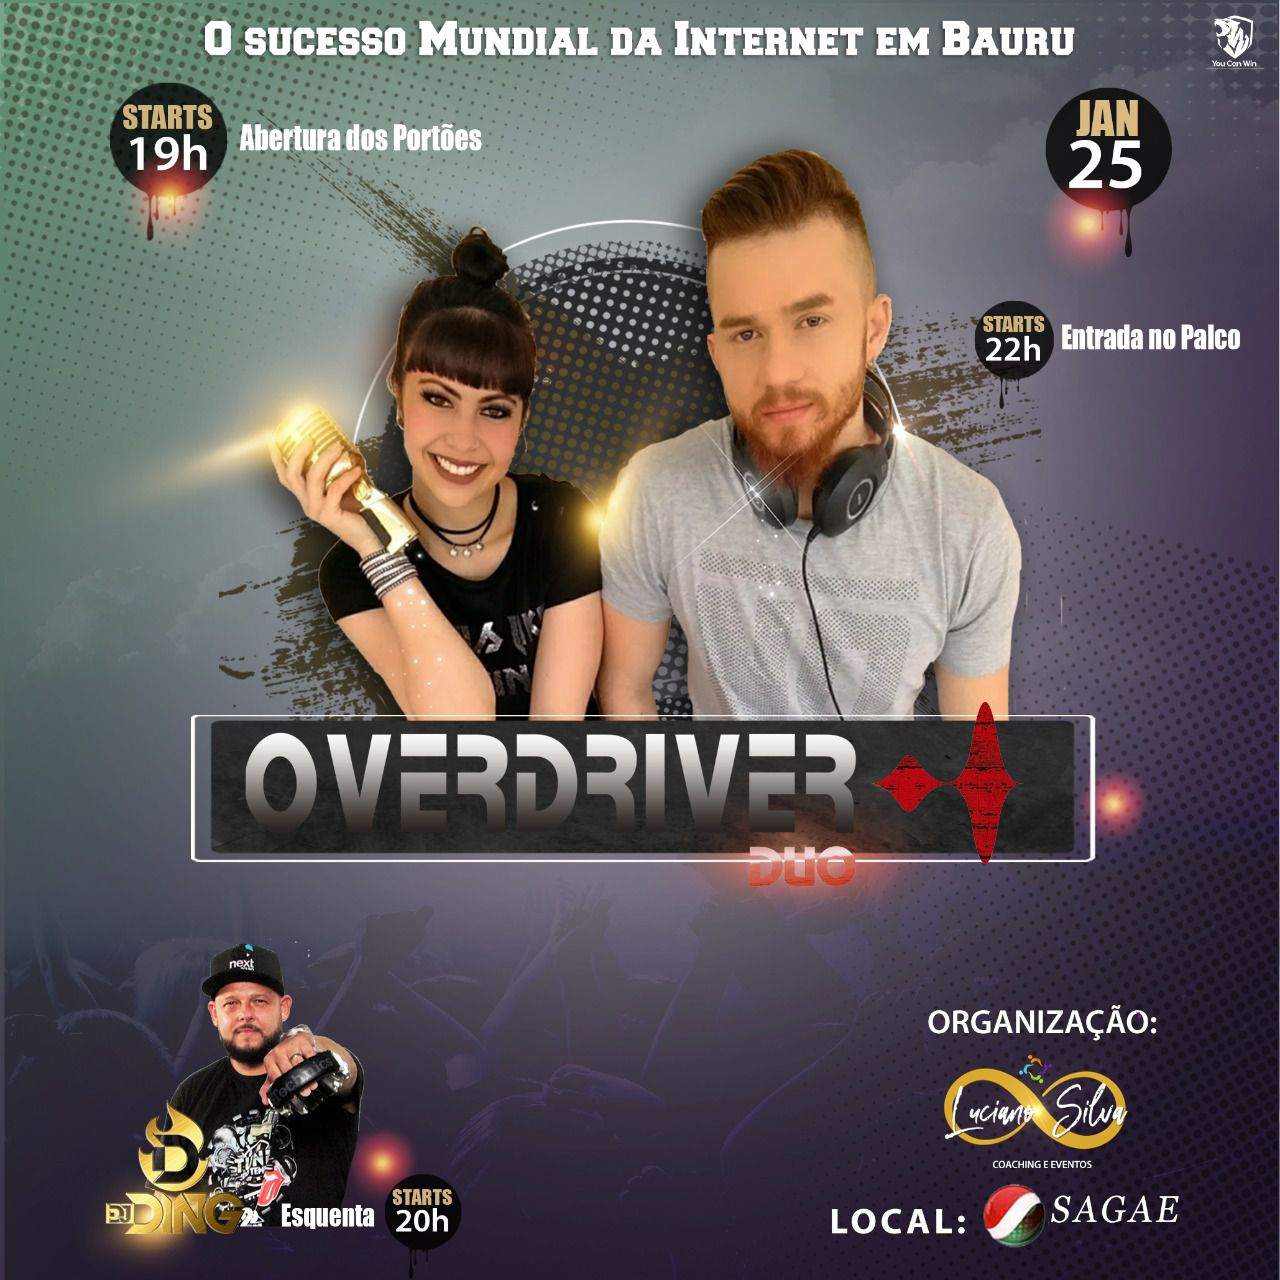 Overdriver Duo - 25/04/20 - Bauru - SP